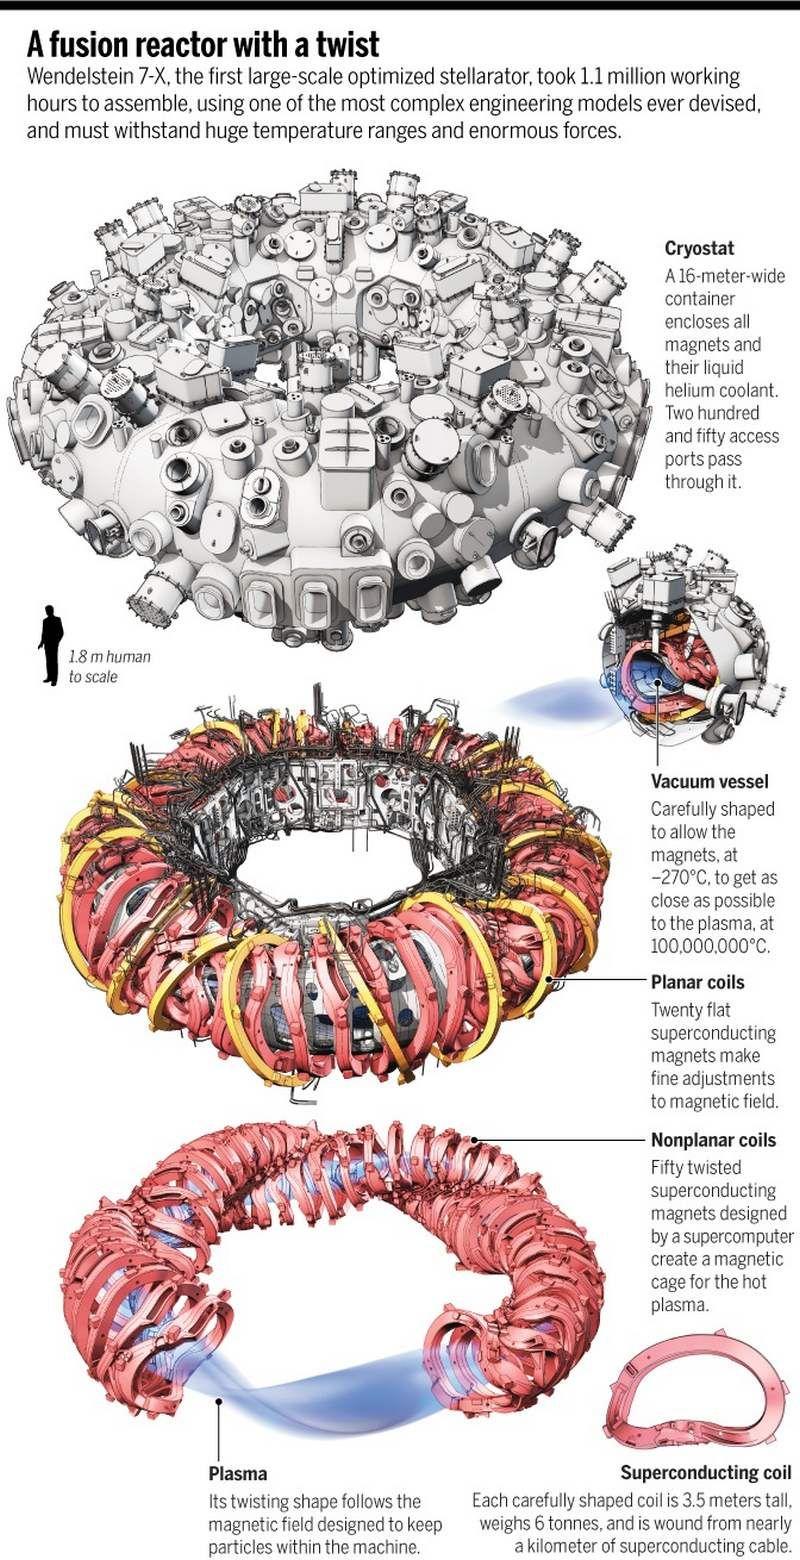 [DIAGRAM_1JK]  200+ Engineering schematics ideas   engineering, space nasa, space crafts   Wendelstein Engineering Schematics      Pinterest